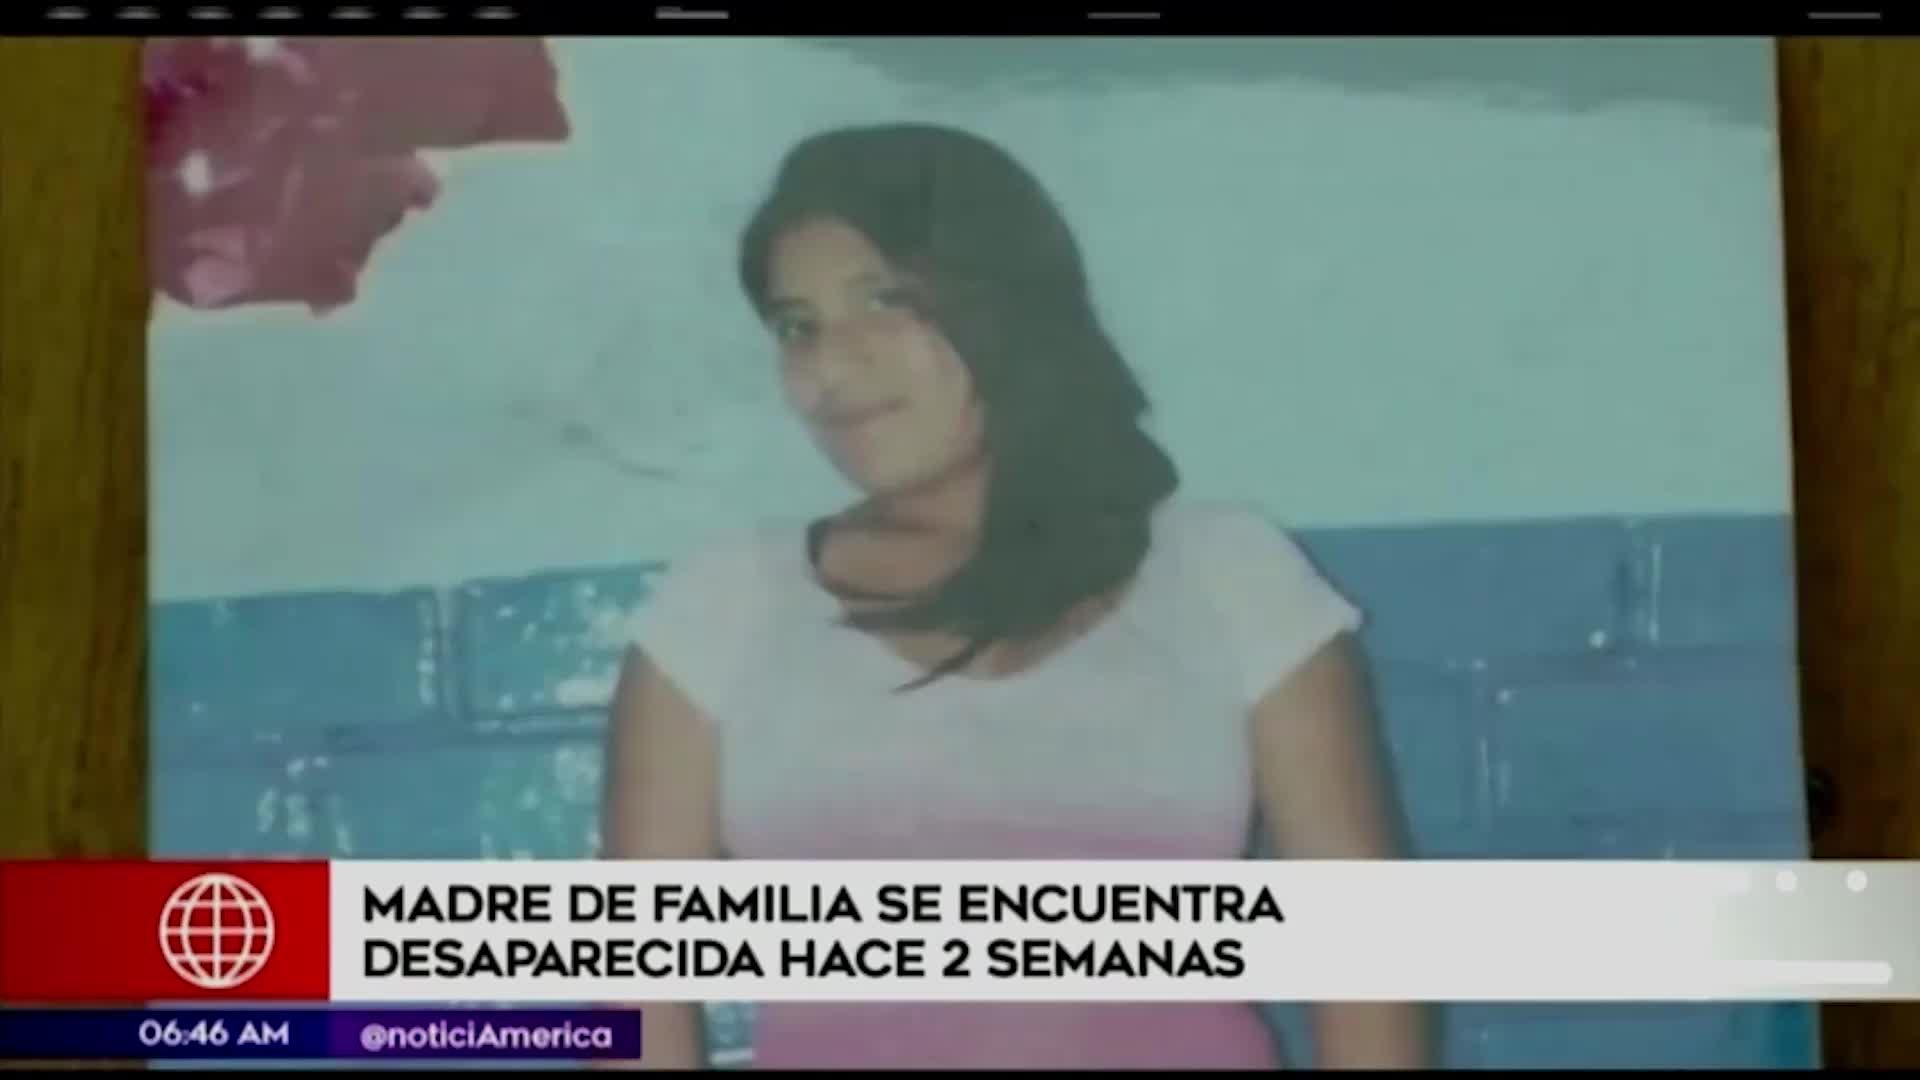 Mujer desapareció hace dos semanas en Ate Vitarte